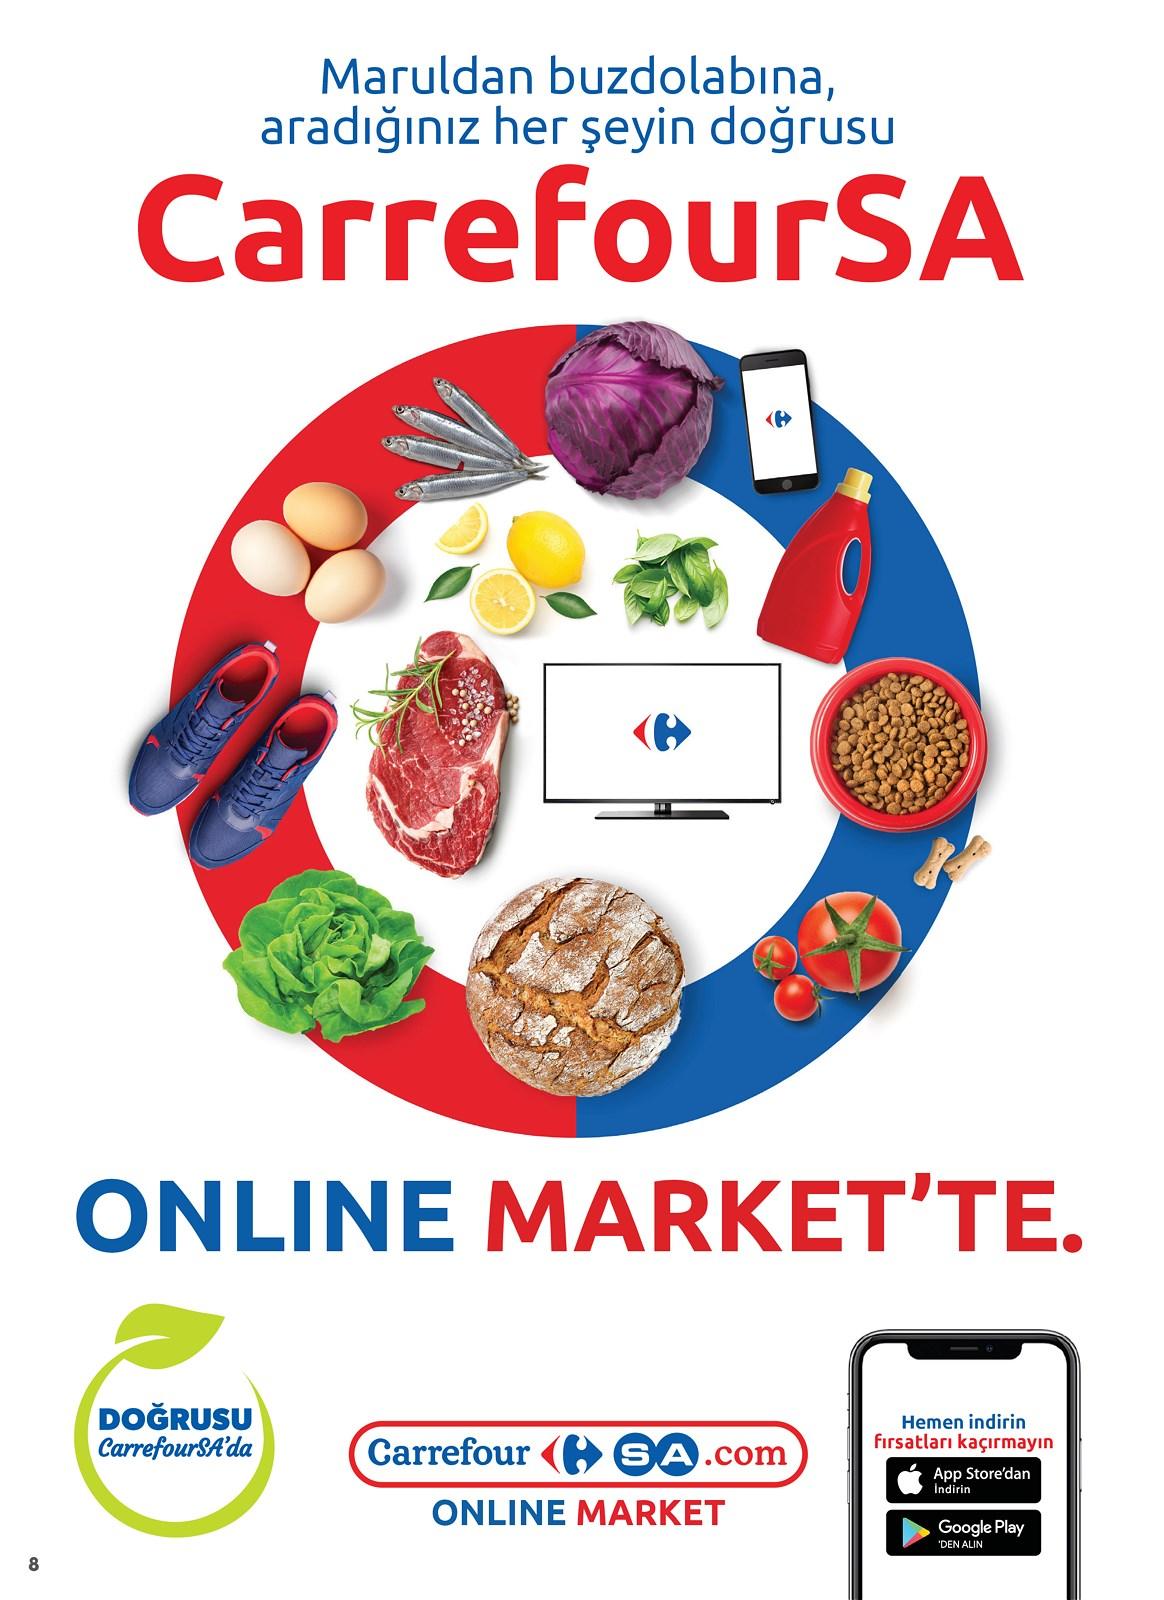 01.01.2021 CarrefourSA broşürü 8. sayfa